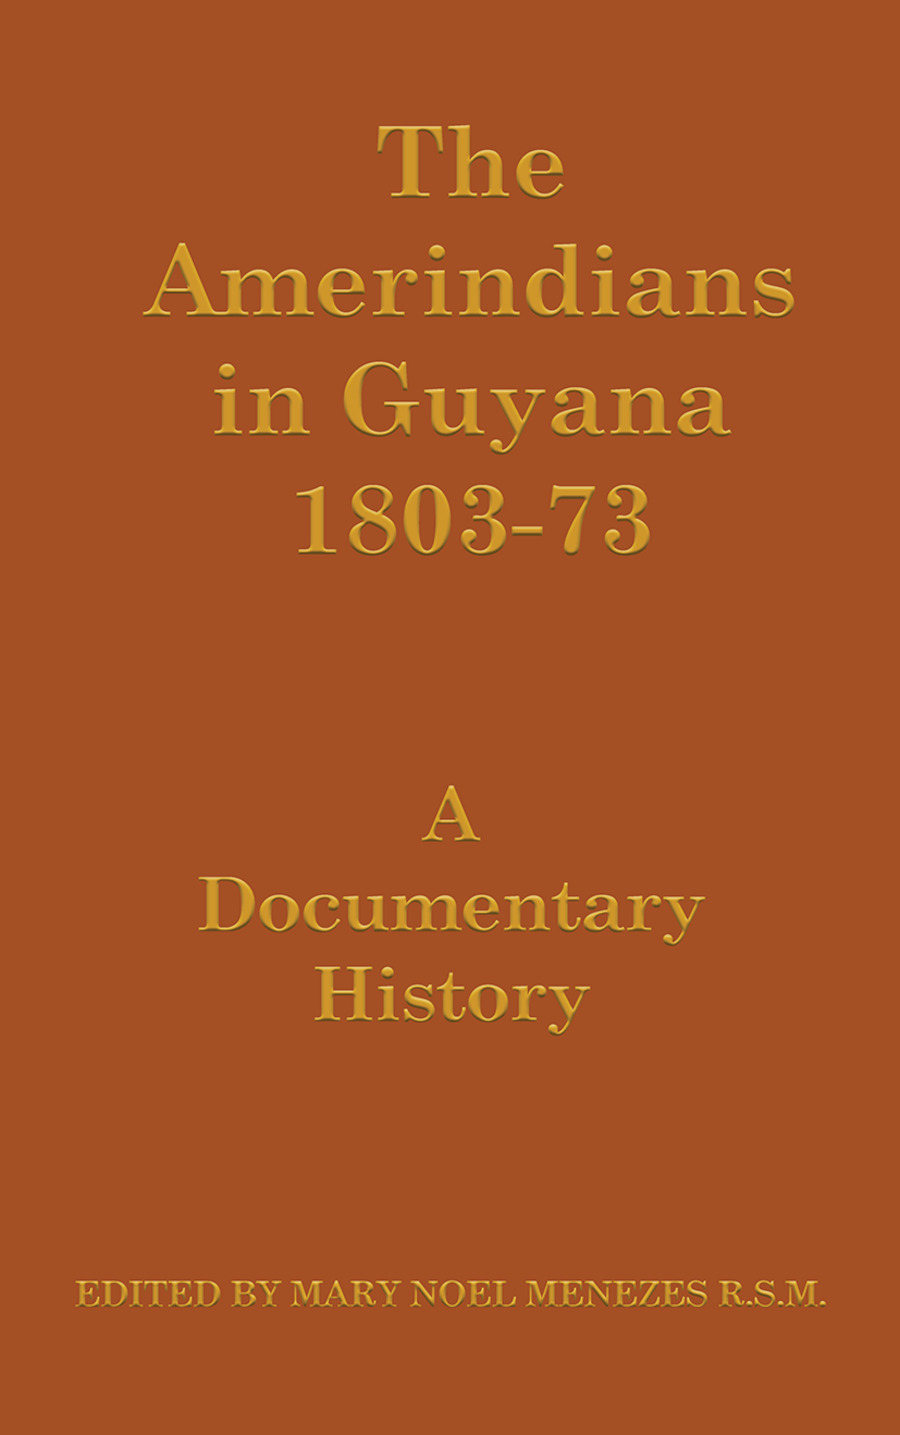 The Amerindians in Guyana 1803-1873